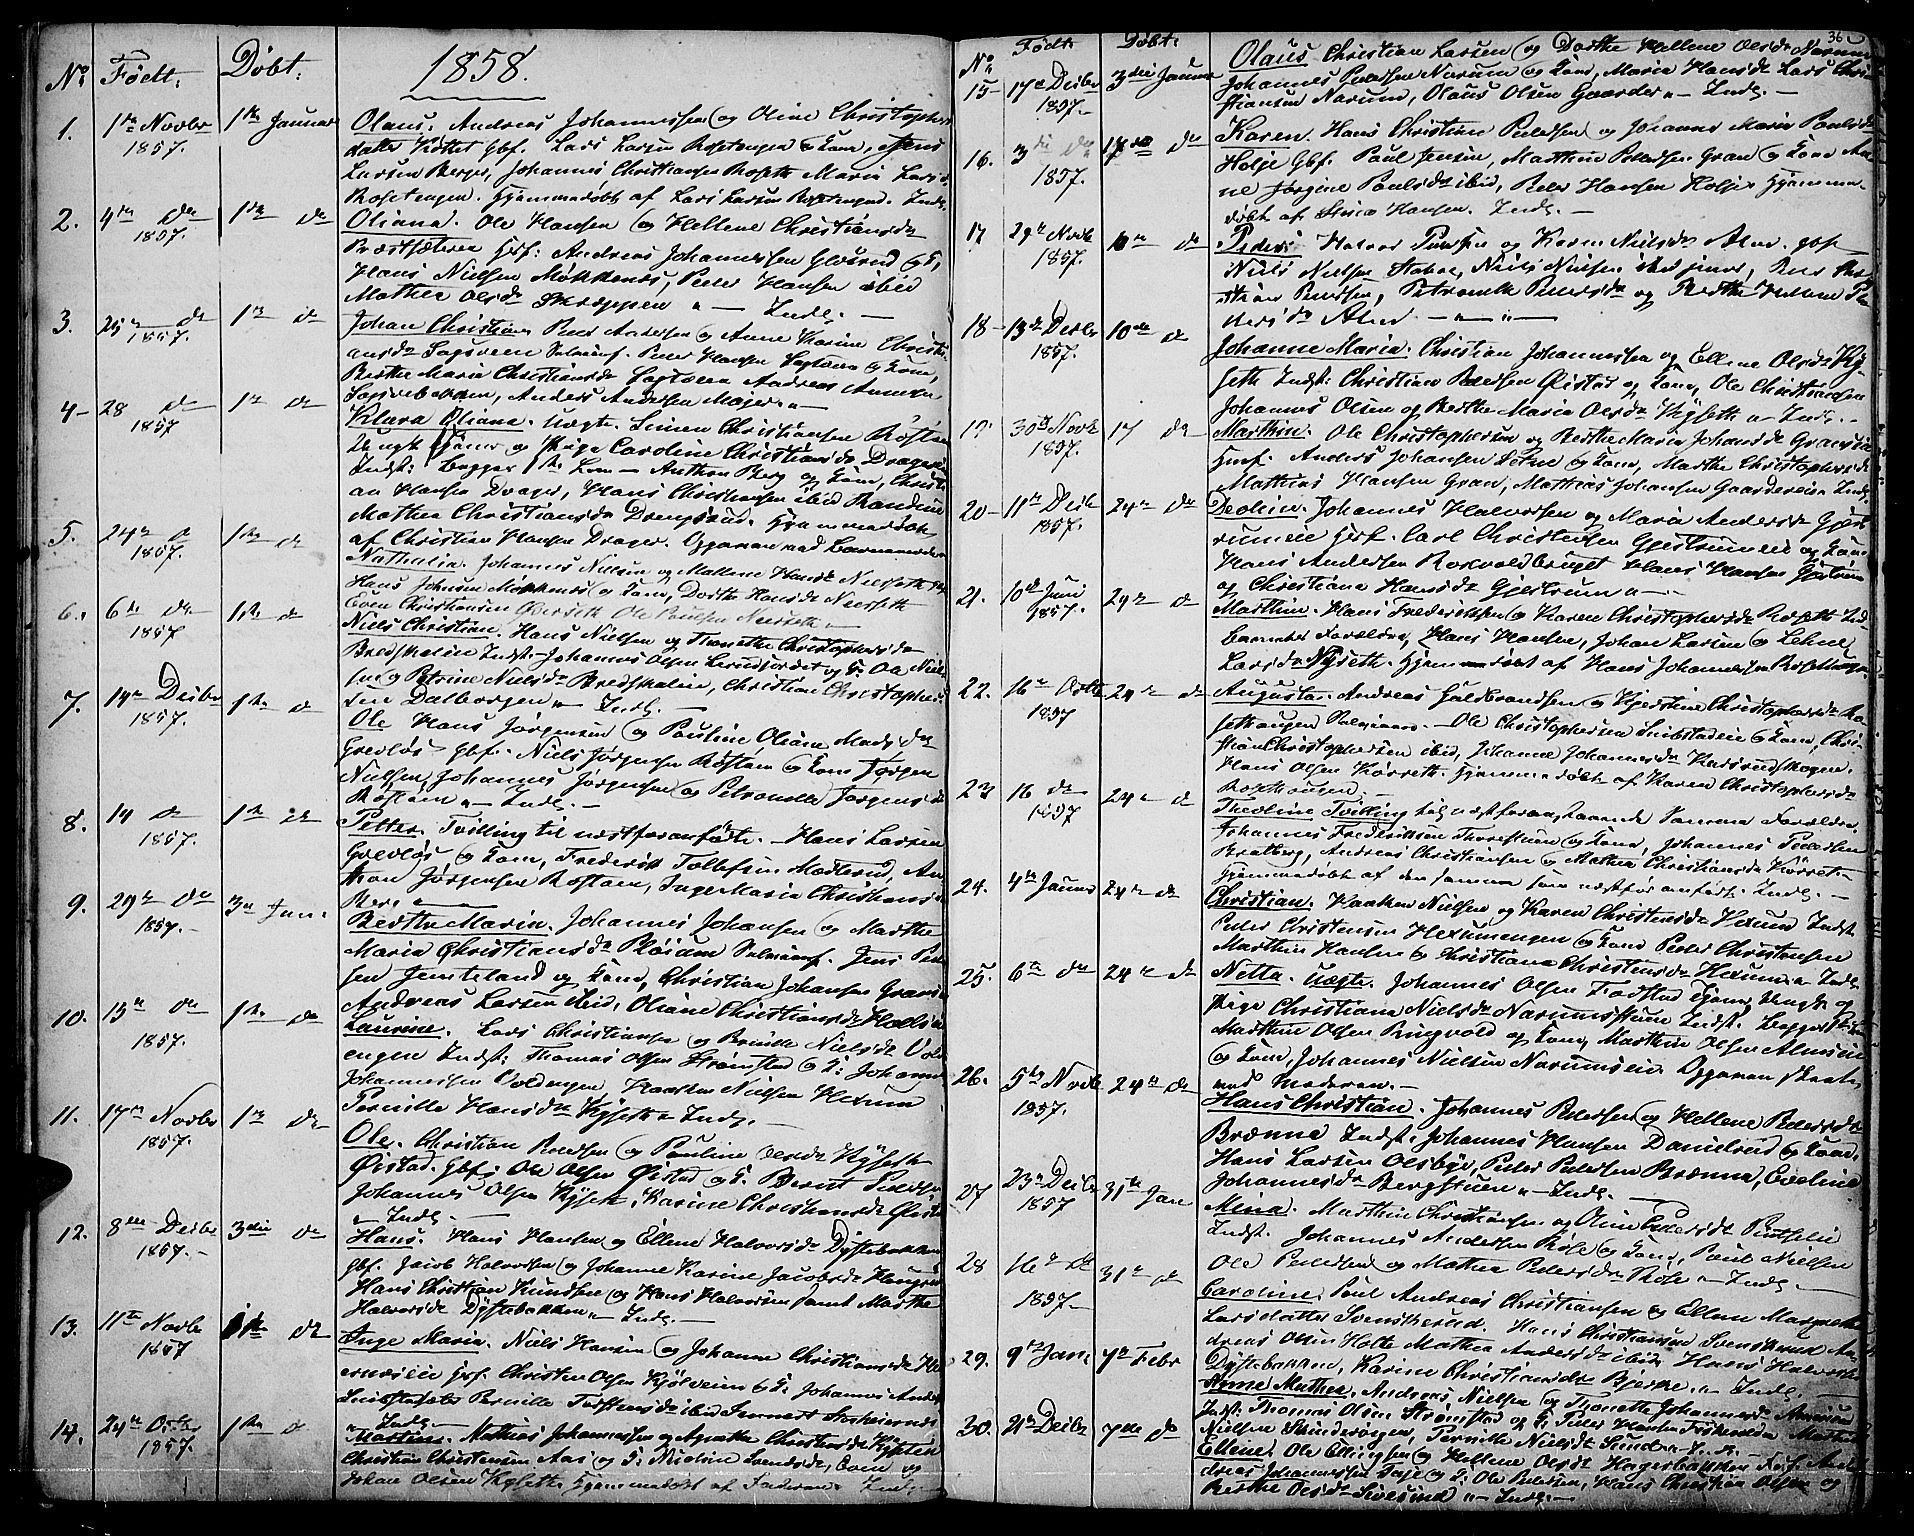 SAH, Vestre Toten prestekontor, Klokkerbok nr. 5, 1854-1870, s. 36